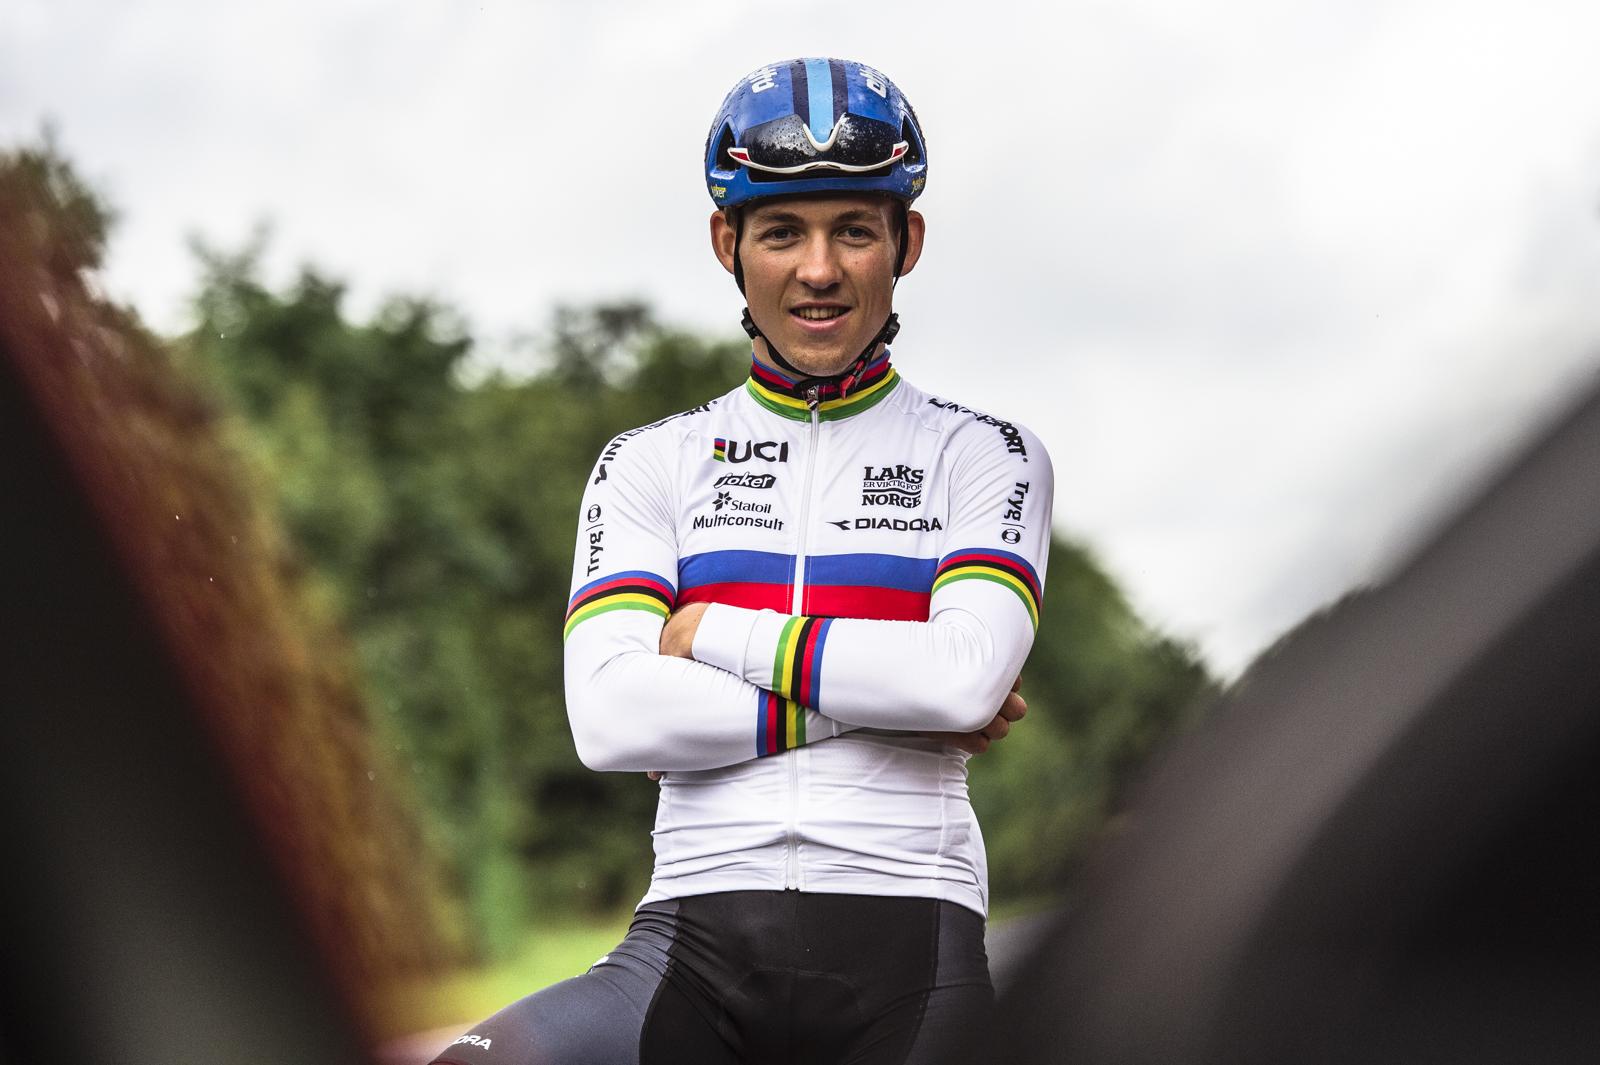 SOLIDE RESULTATER: Tjueenårige Kristoffer Halvorsen Imponerer Stort I Ungdommens Tour De France. Foto: Kåre Dehlie Thorstad